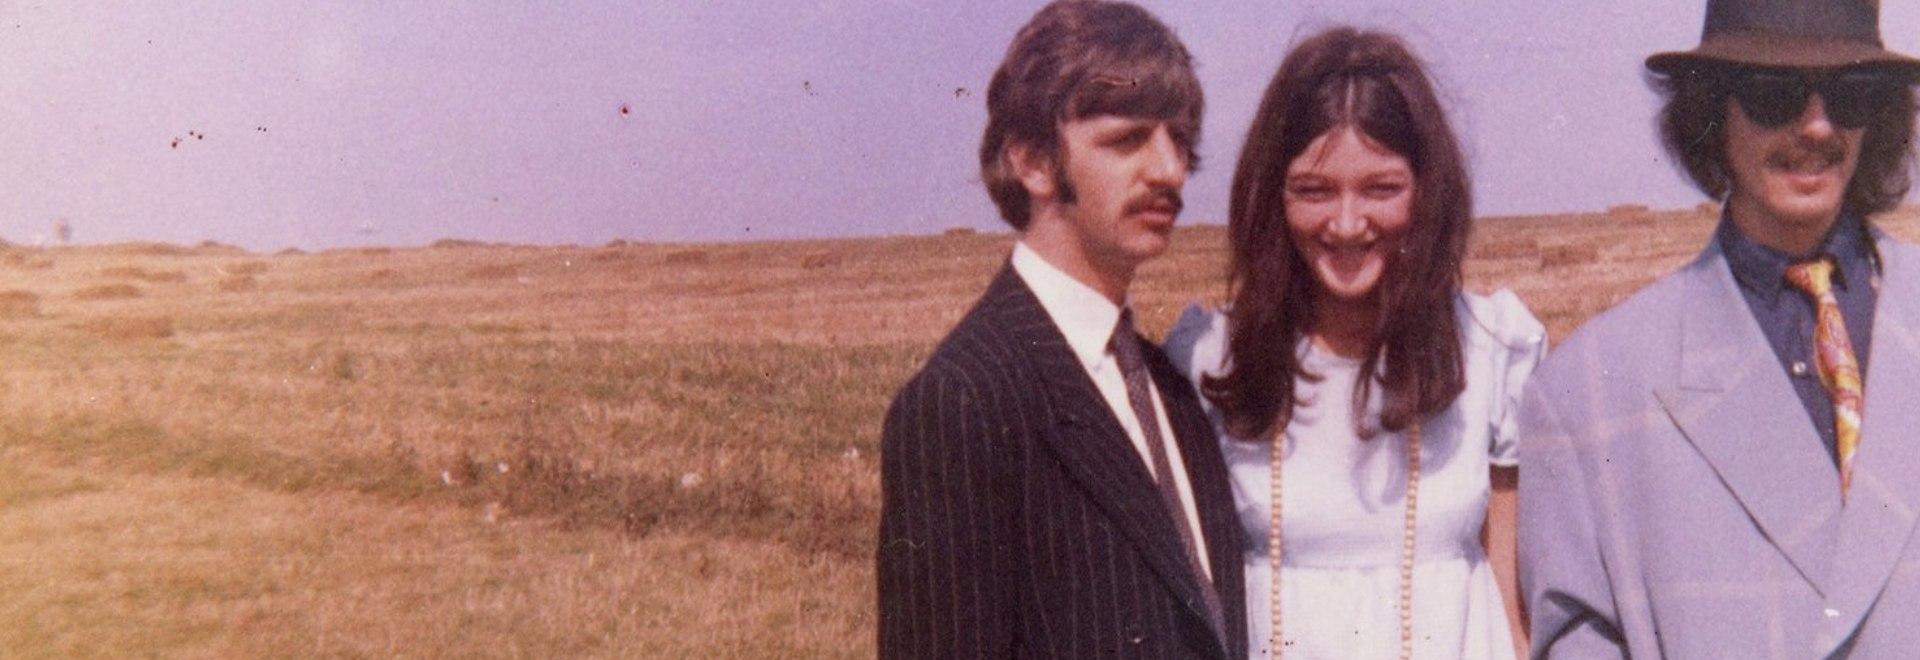 Freda Kelly - La segretaria dei Beatles